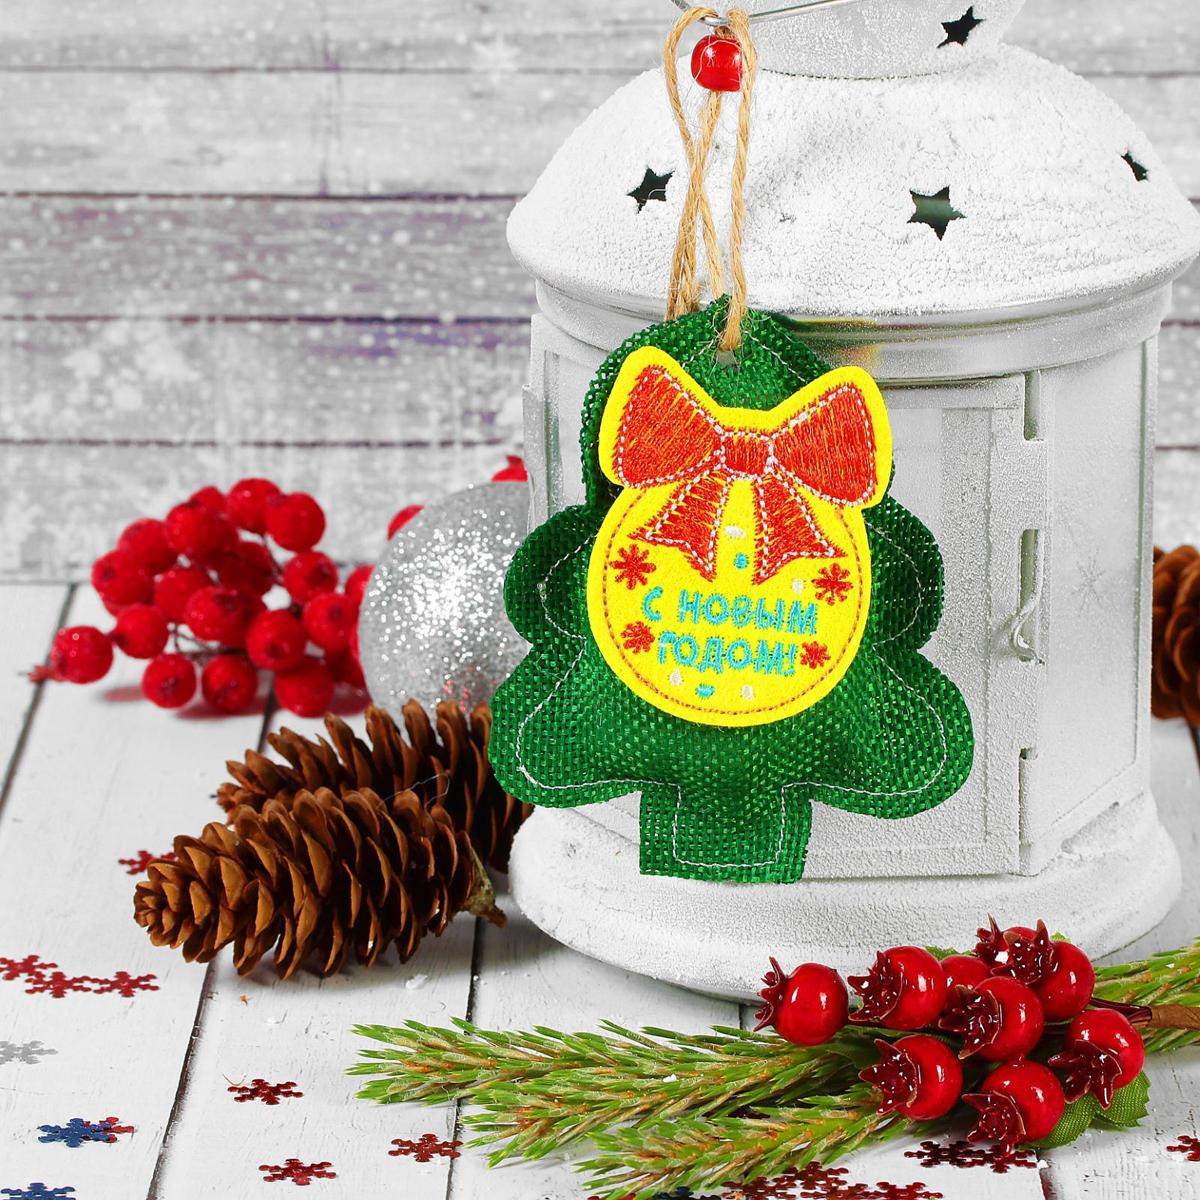 Новогоднее подвесное украшение Страна Карнавалия С Новым годом! Елочка2293112Новогоднее подвесное украшение Страна Карнавалия, выполненное из текстиля, украсит интерьер вашего дома или офиса в преддверии Нового года. Оригинальный дизайн и красочное исполнение создадут праздничное настроение. Новогодние украшения всегда несут в себе волшебство и красоту праздника. Создайте в своем доме атмосферу тепла, веселья и радости, украшая его всей семьей.